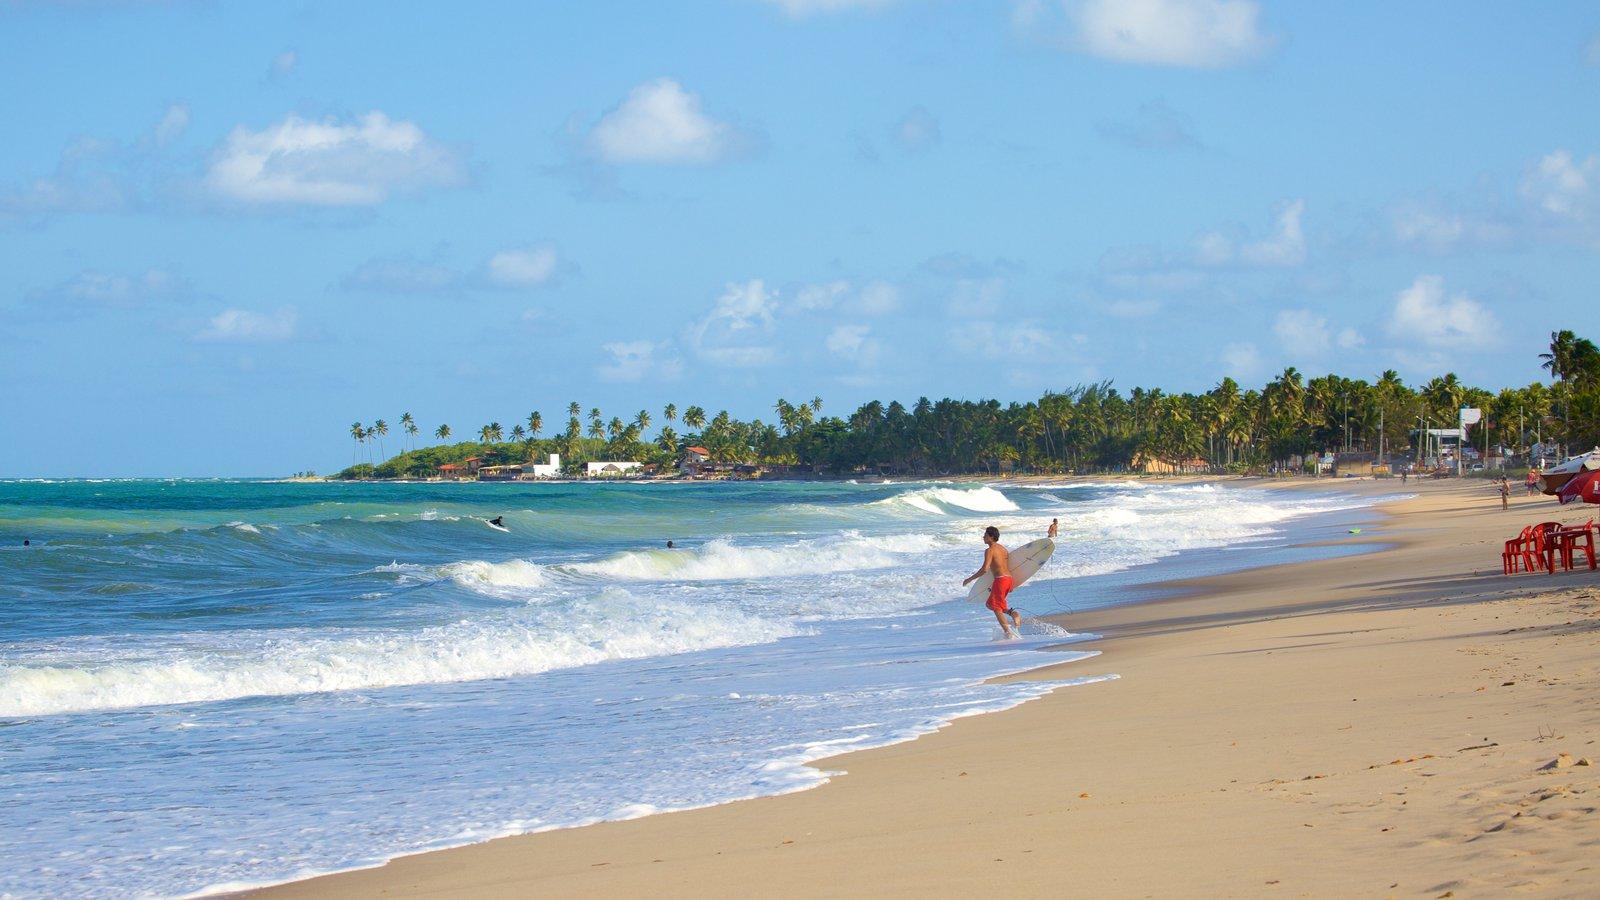 Praia de Maracaípe caracterizando surfe, ondas e uma praia de areia